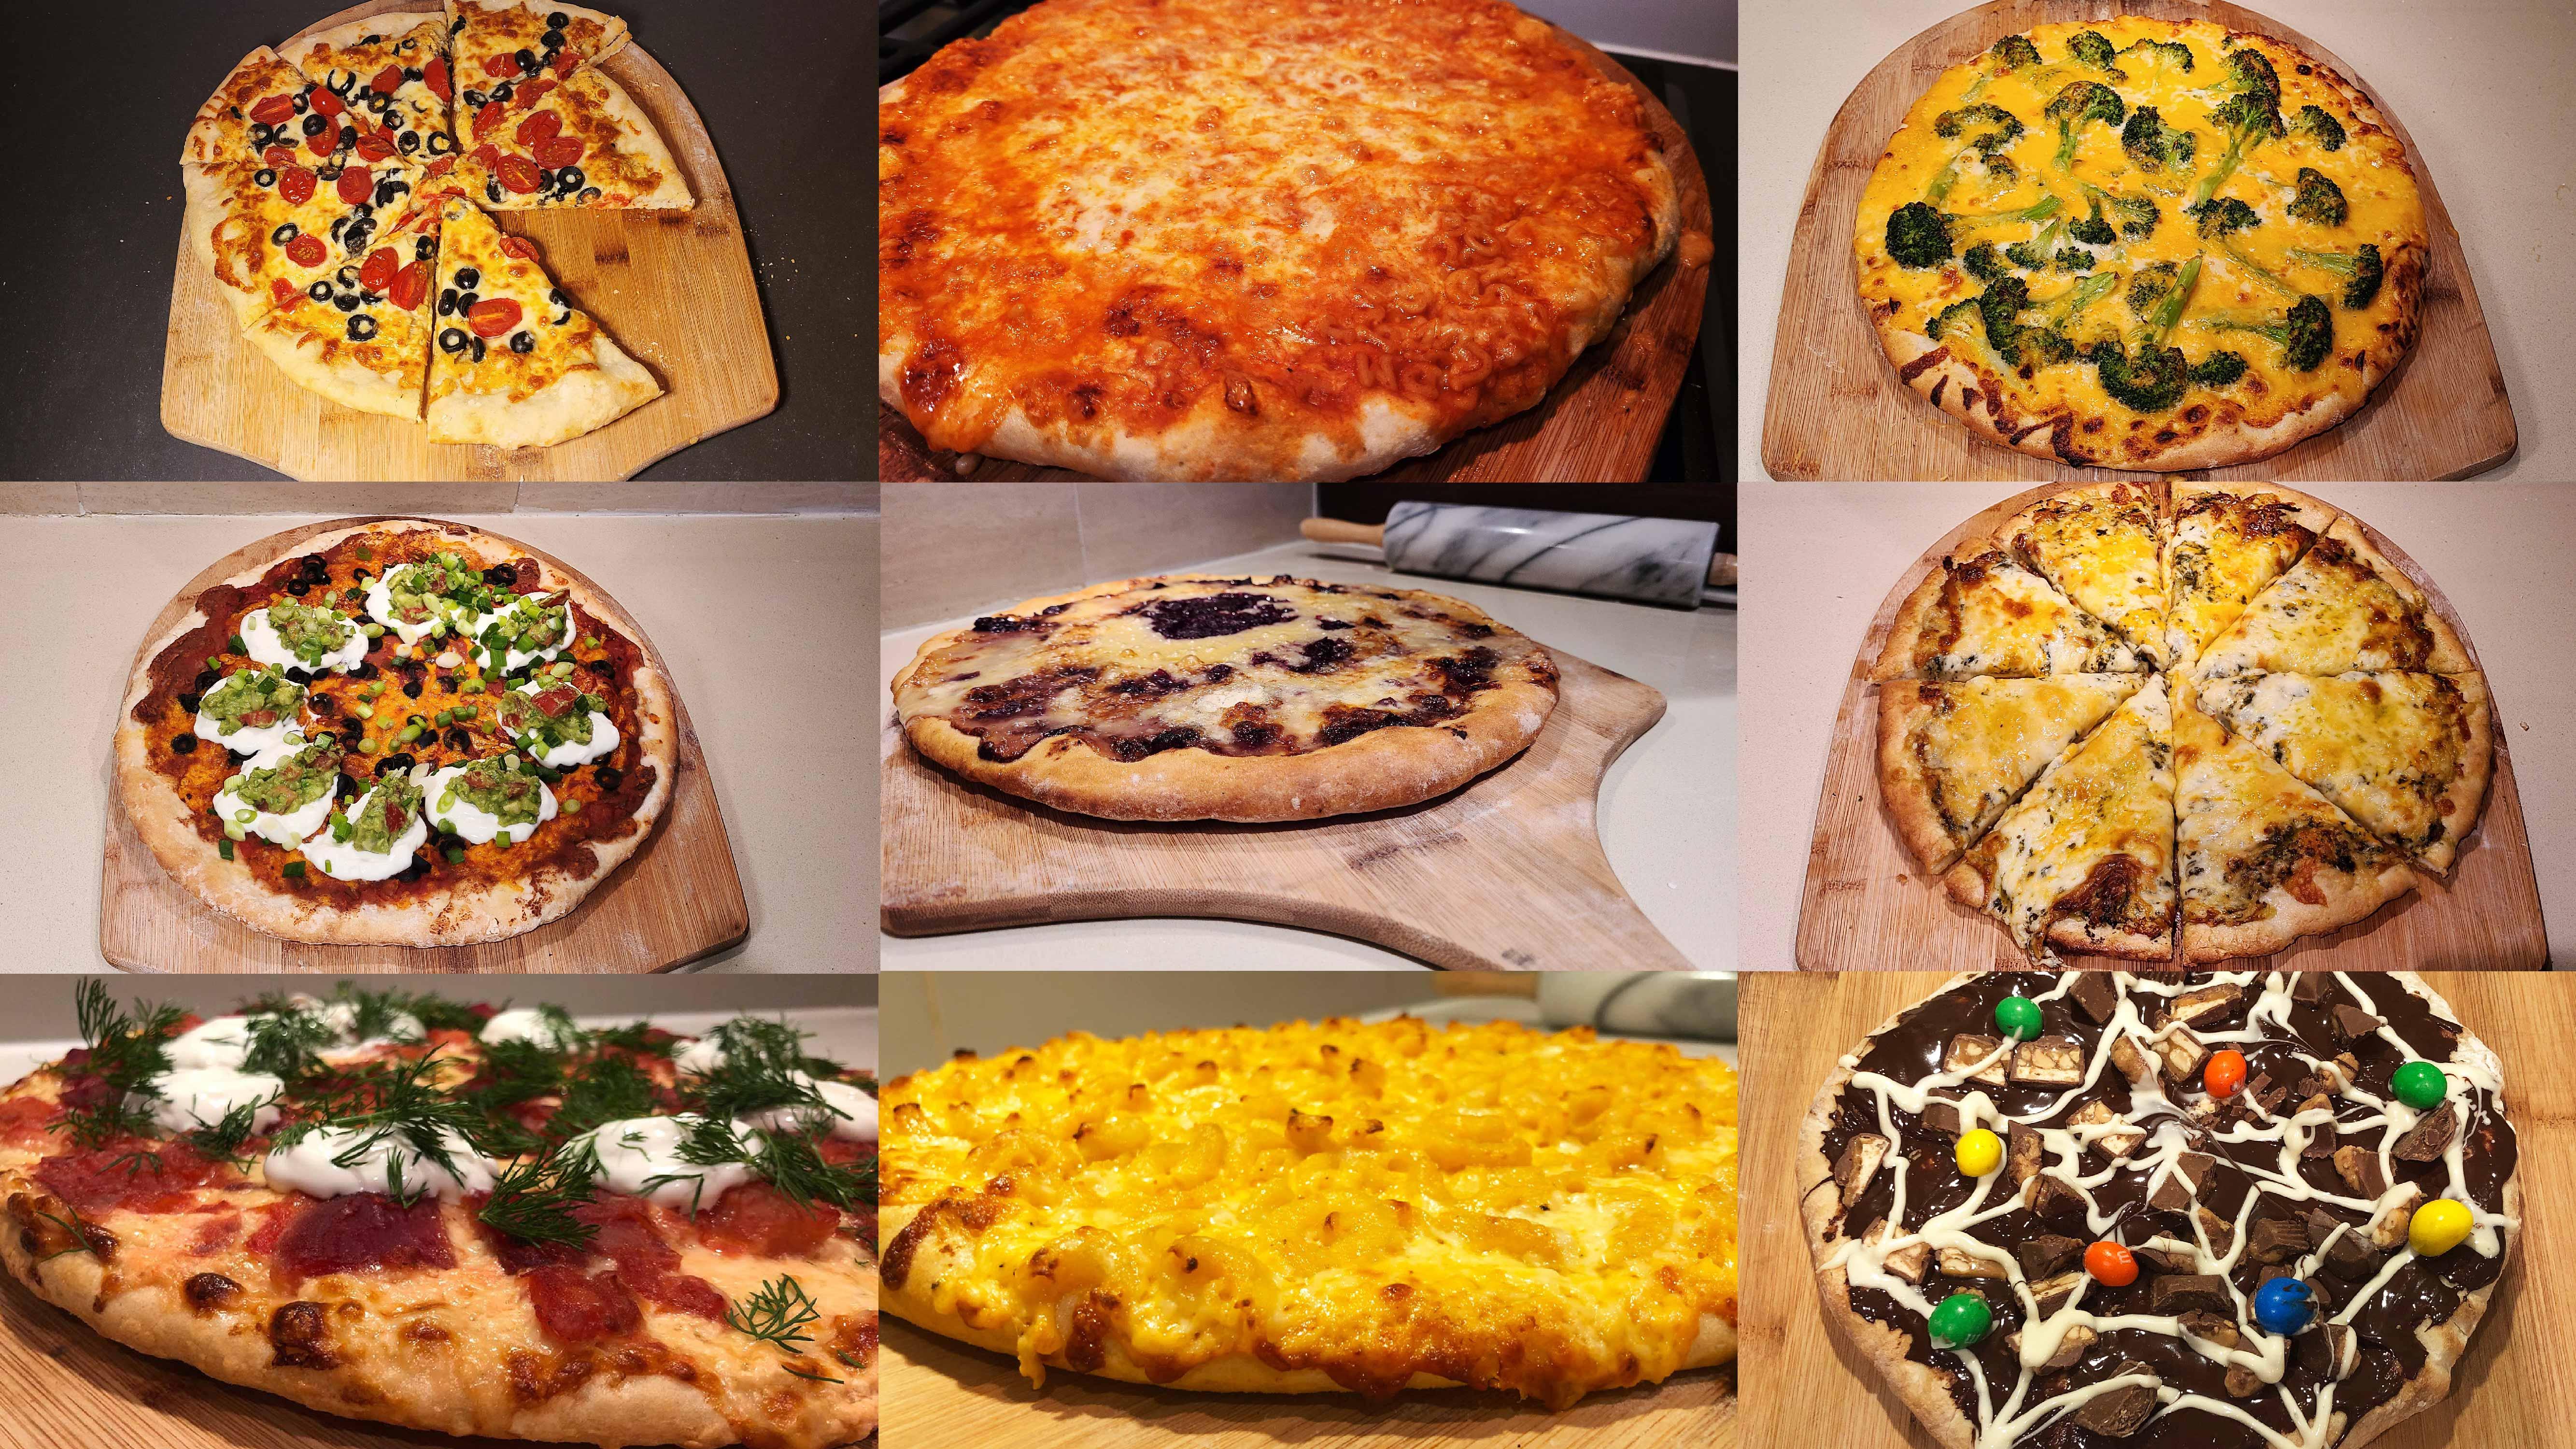 9 Weird WIld Vegetarian-Style Pizzas